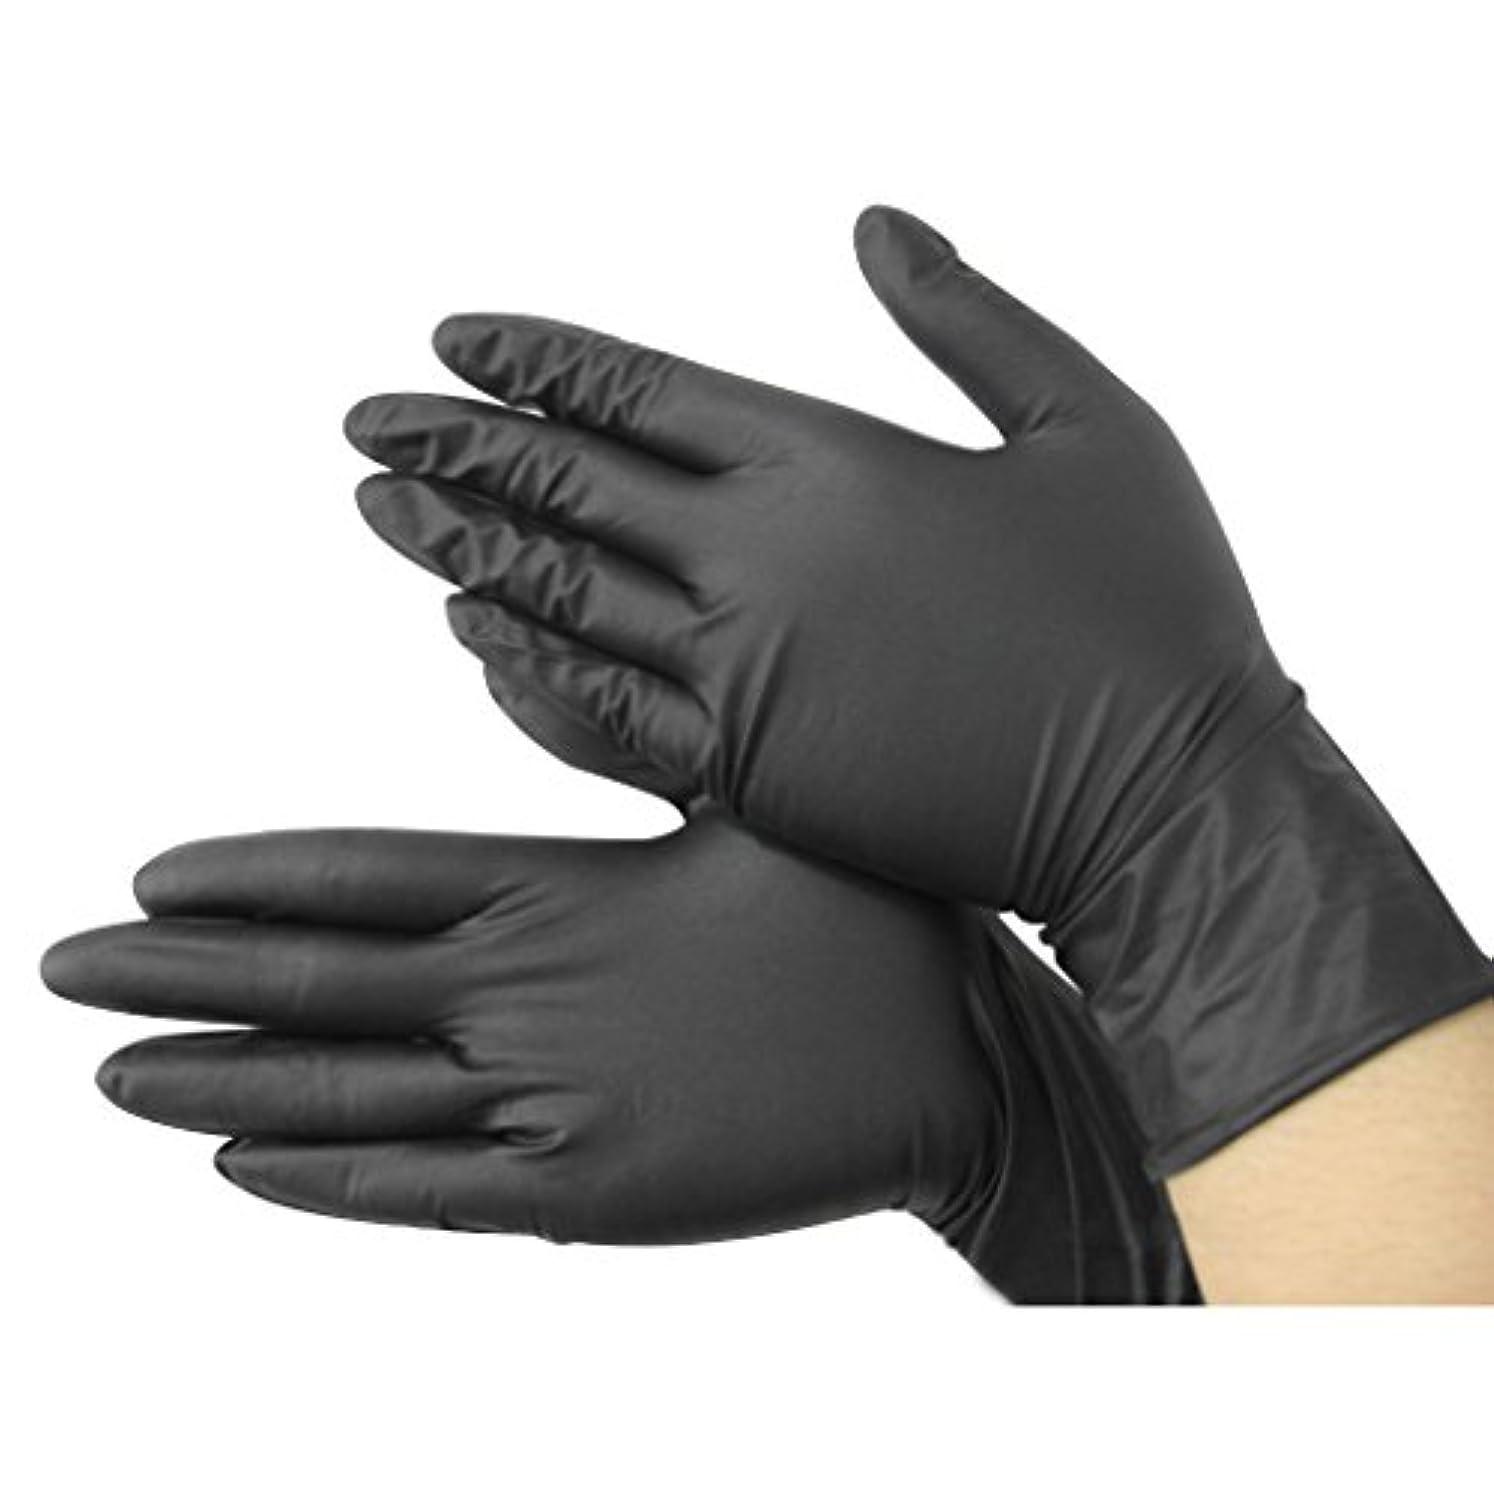 甘い損傷始まりGaoominy 黒いニトリル使い捨てクール手袋 パワーフリーX100 - 入れ墨 - メカニック 新しい